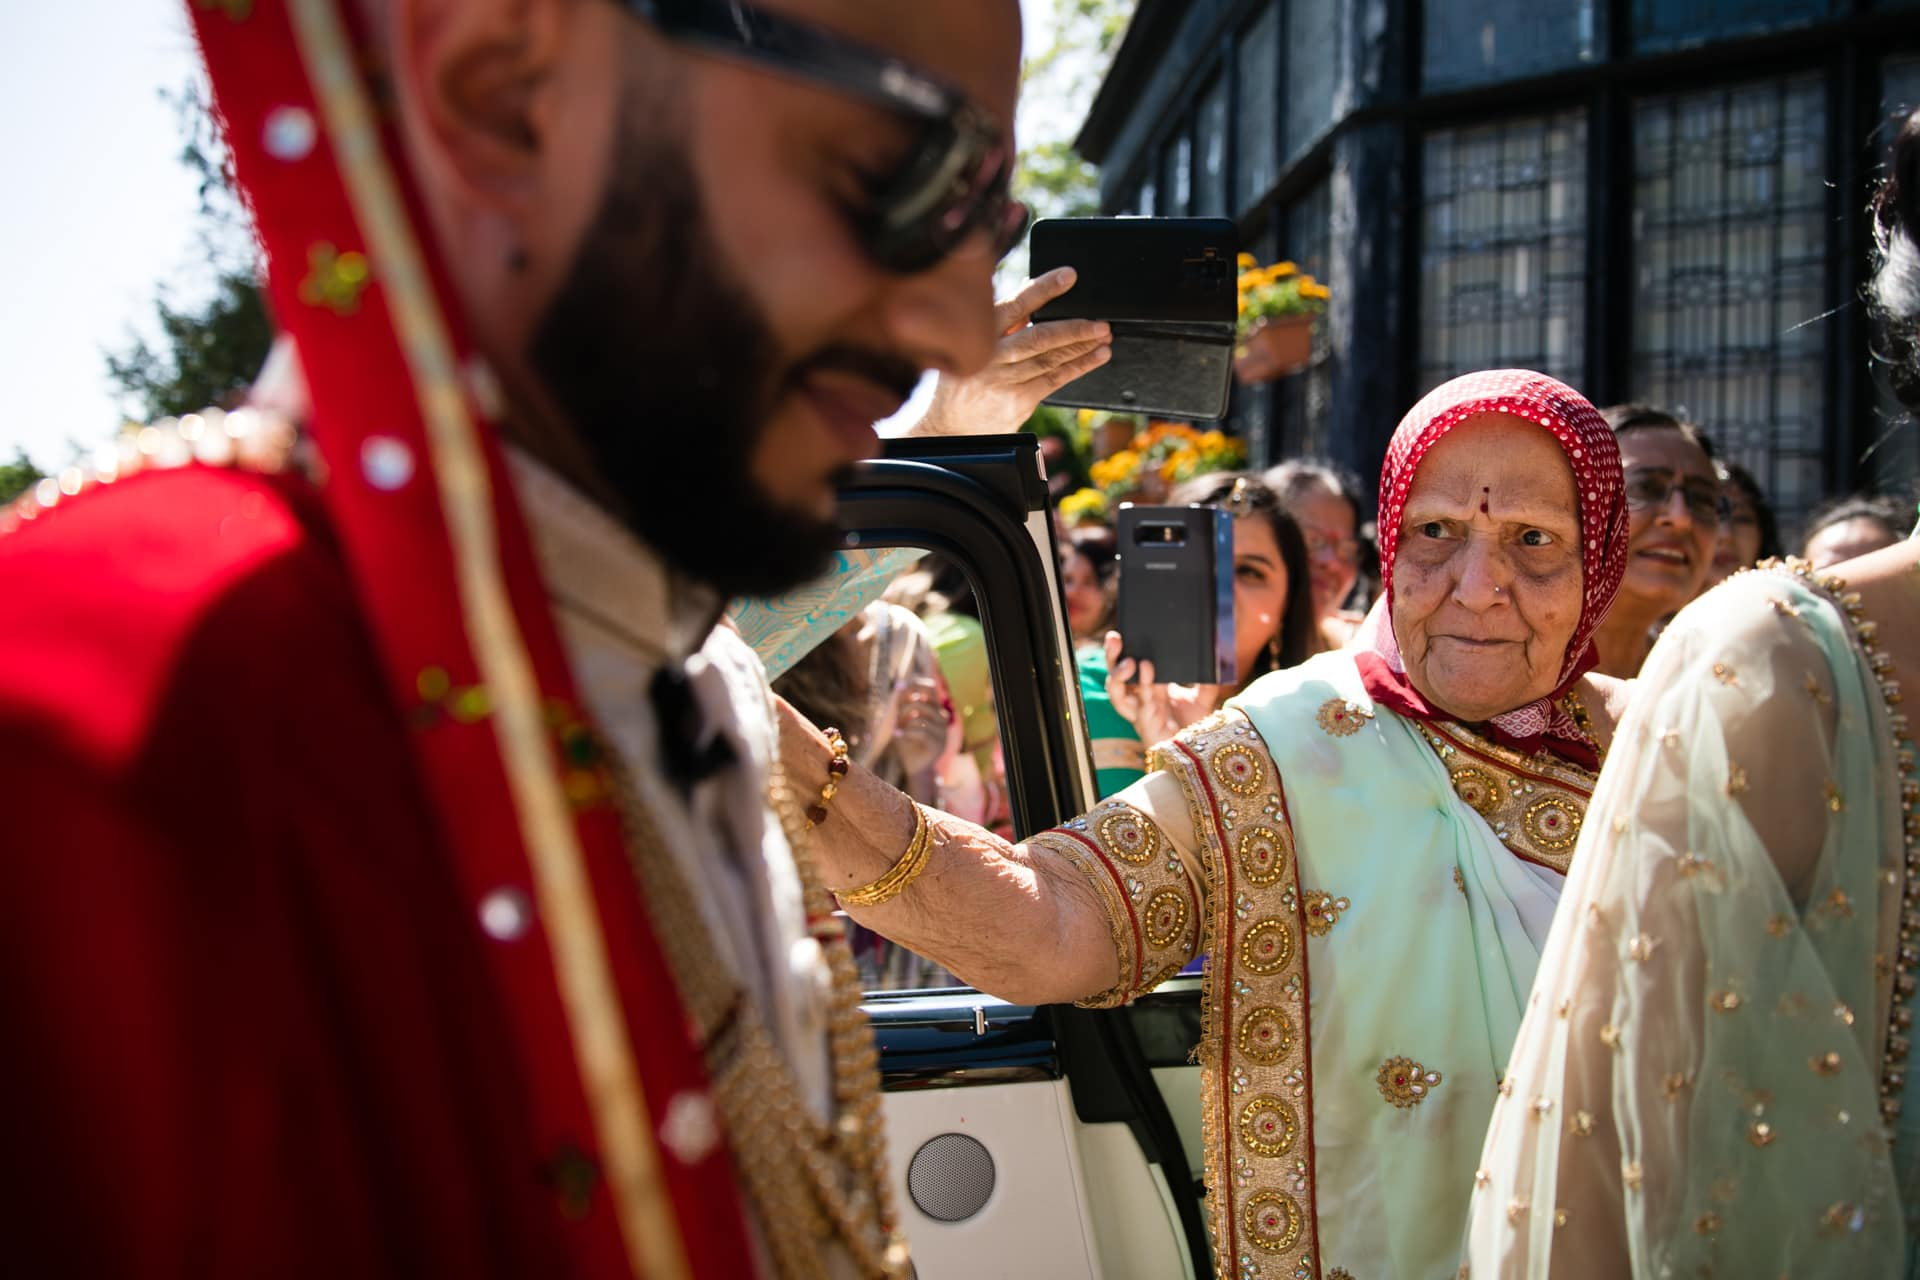 Gran of the groom